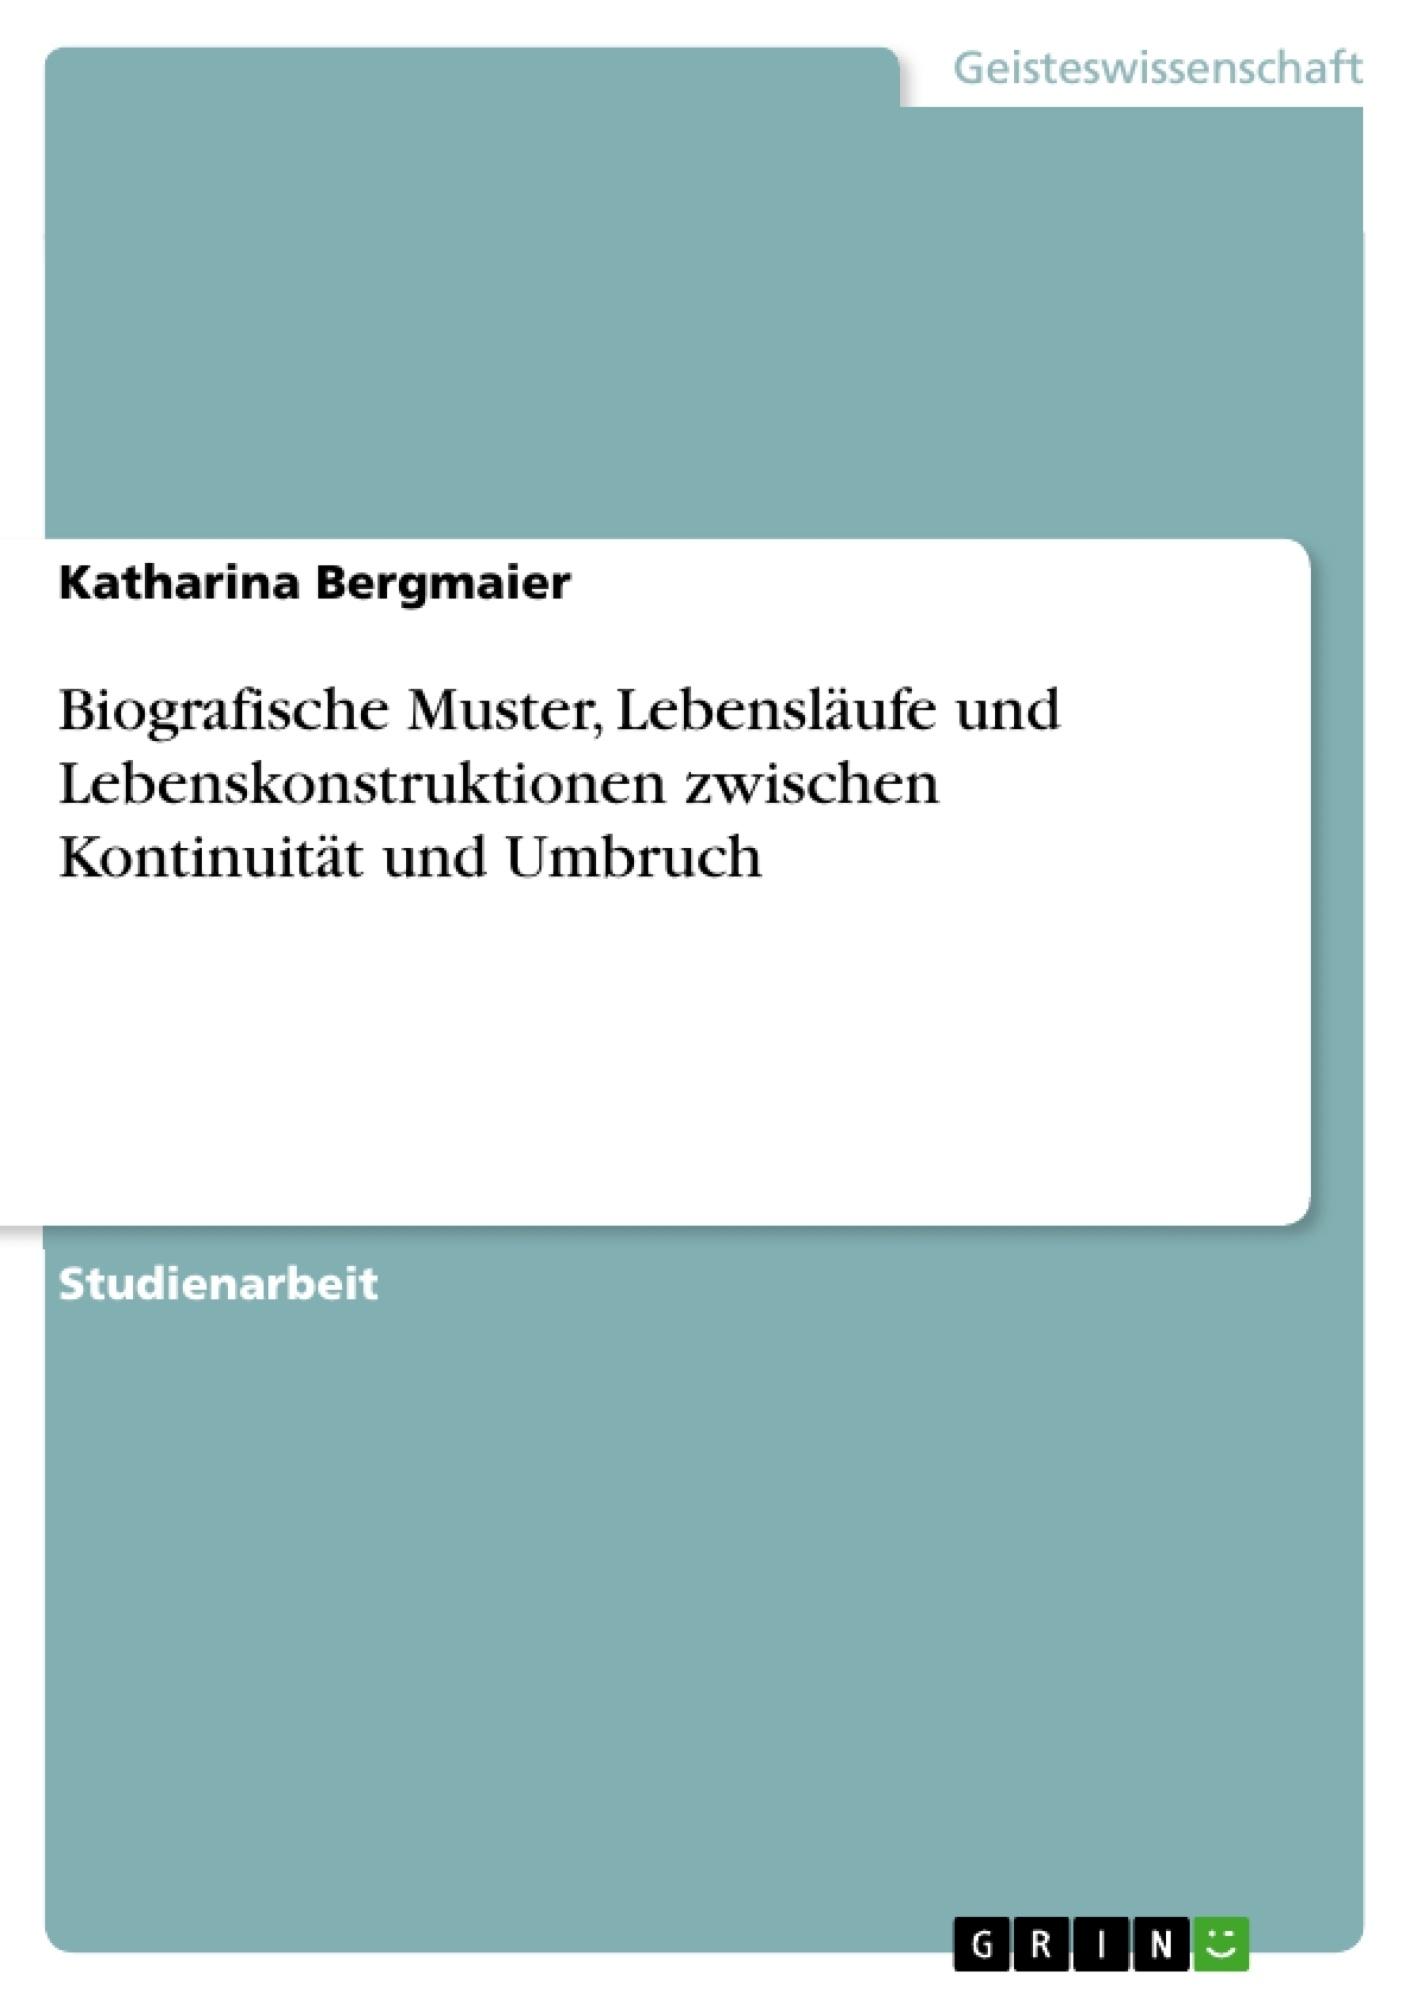 Titel: Biografische Muster, Lebensläufe und Lebenskonstruktionen zwischen Kontinuität und Umbruch